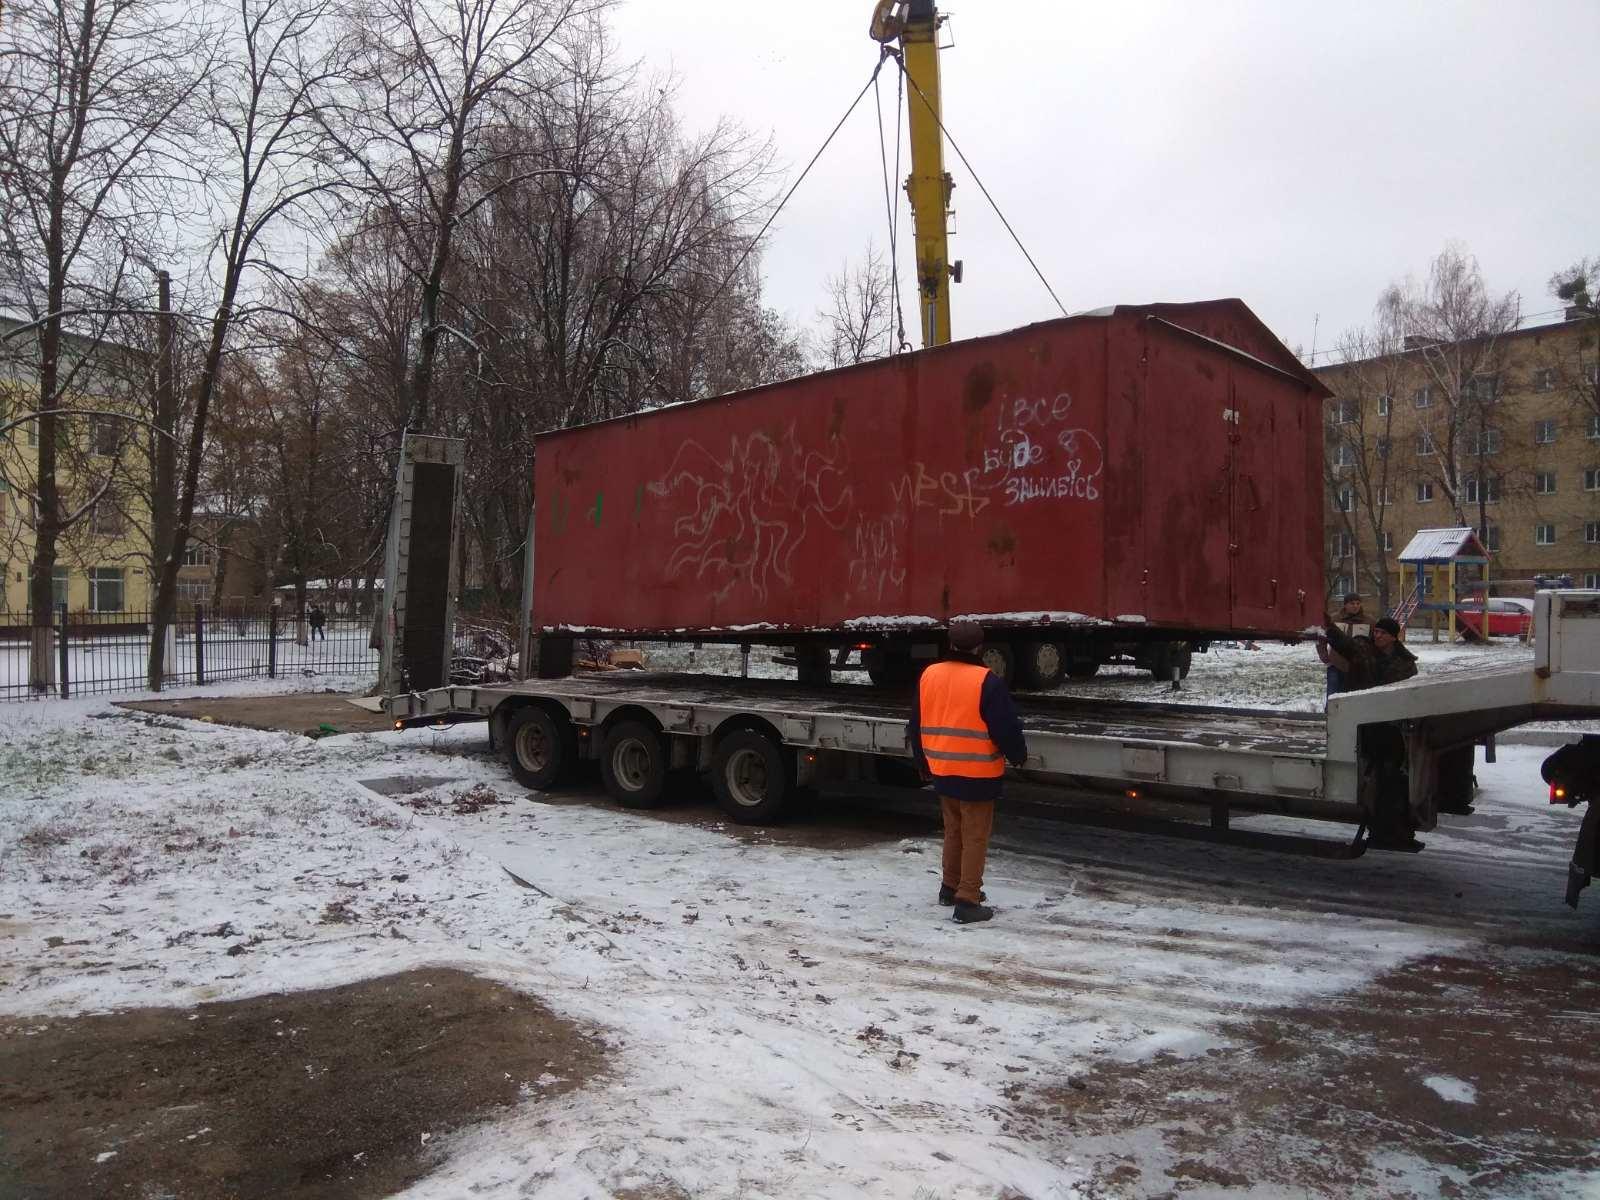 Понад 400 незаконних об'єктів демонтували цьогоріч у Франківську